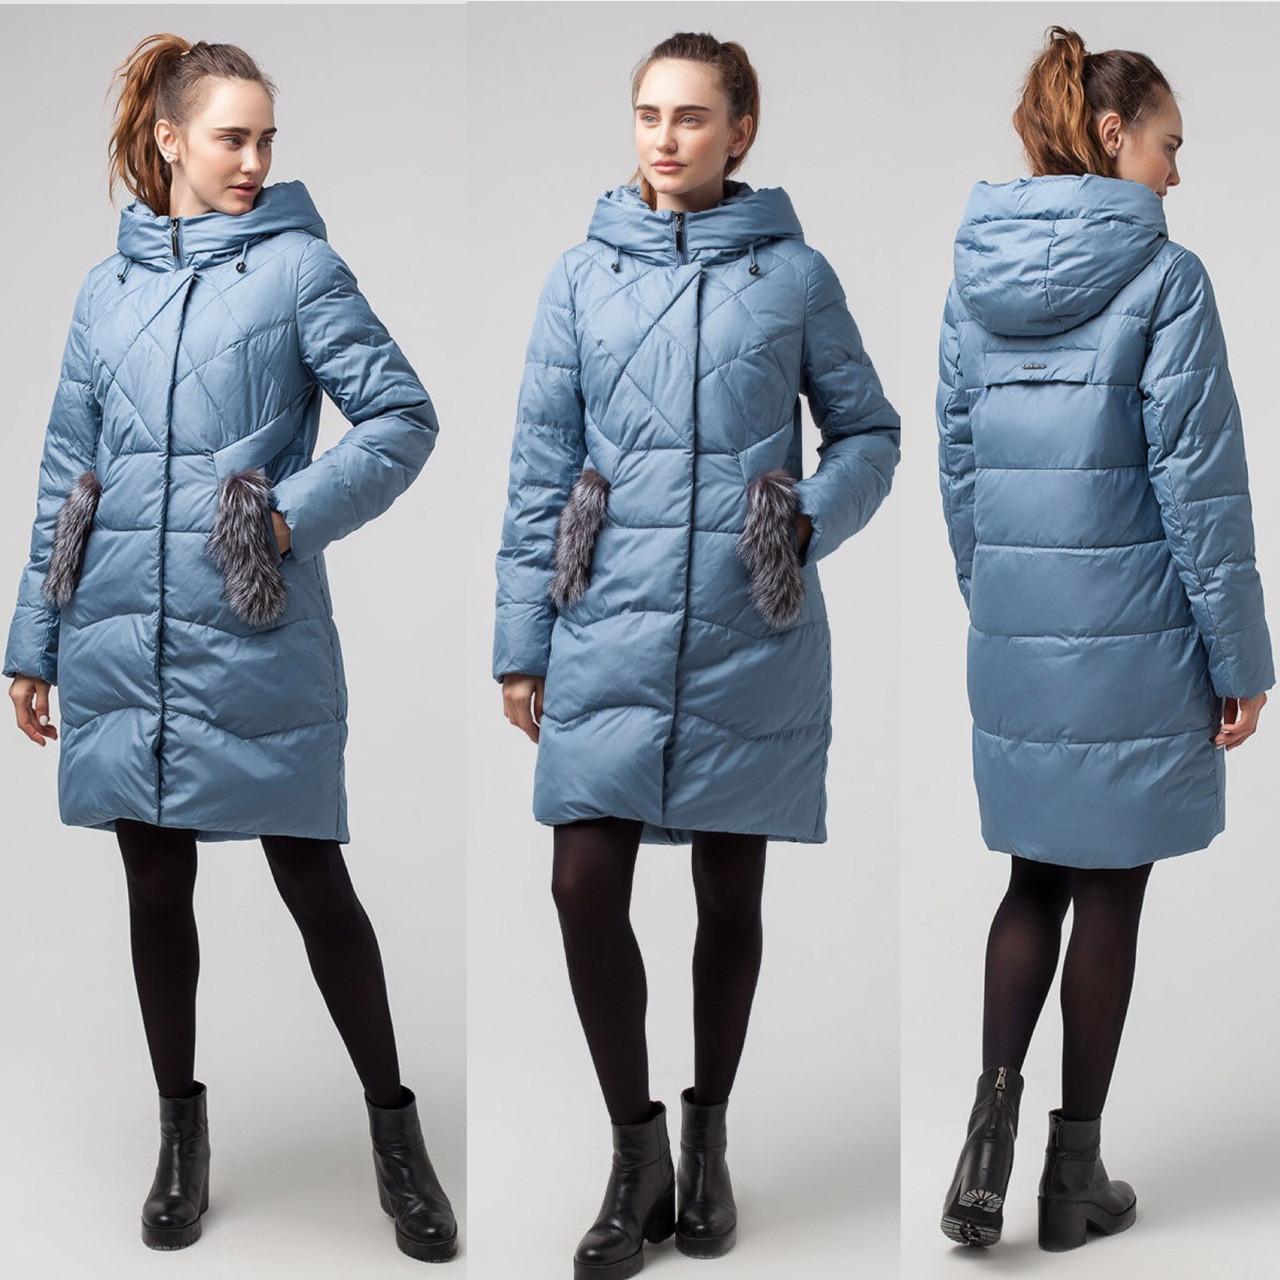 Женская Куртка Пуховик Оригинал LORA DUVETTI . Цвета и Размеры в наличии  (42-50)